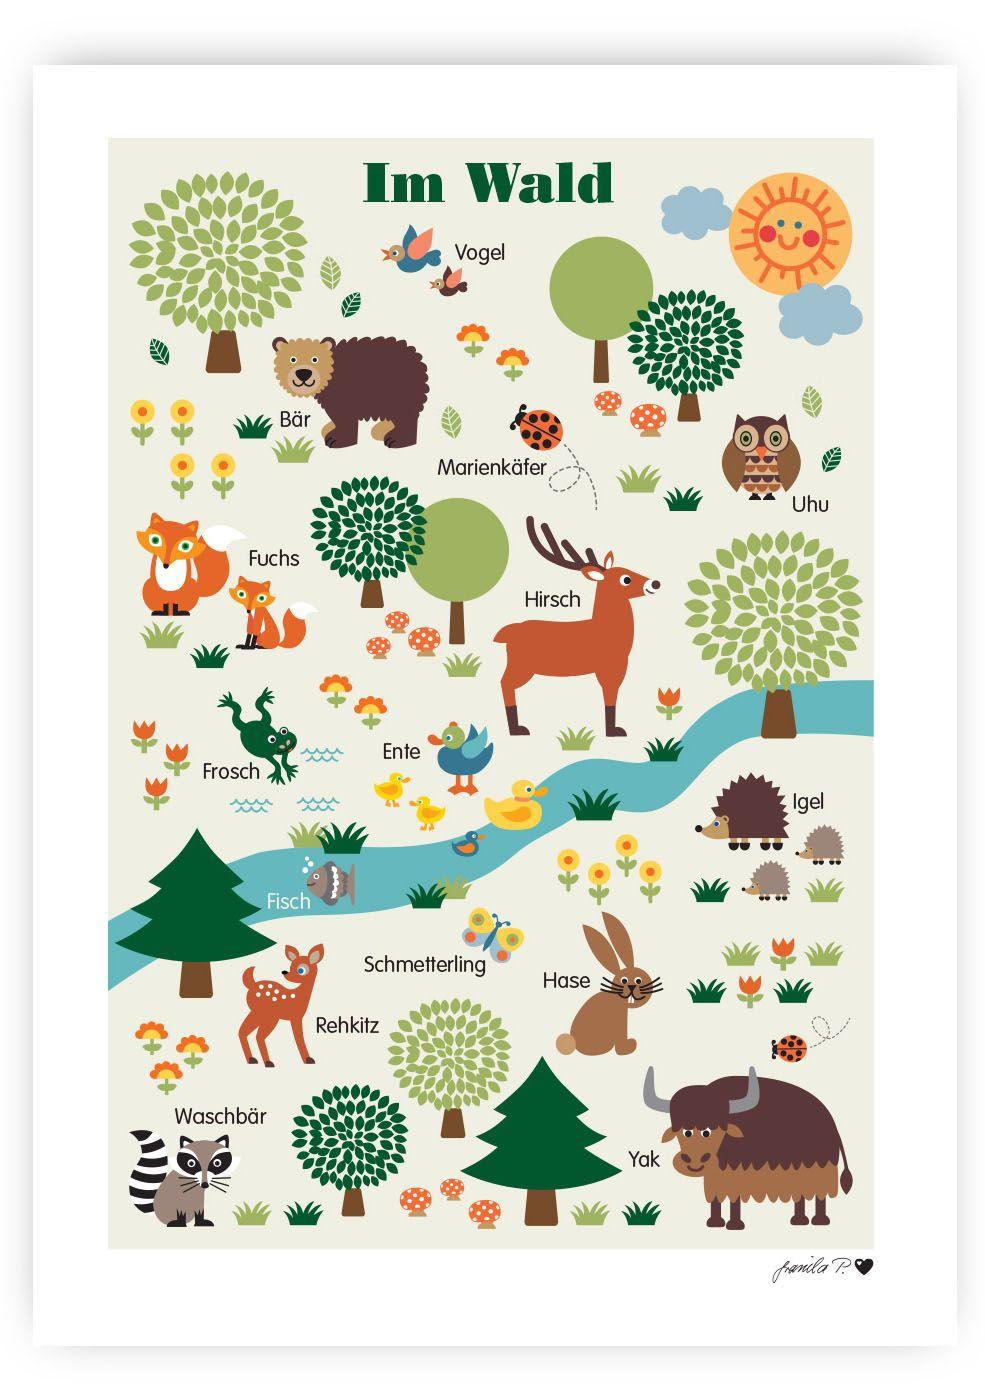 Abc Karte M Wie Maikafer Abc Karten Geschichten Fur Kinder